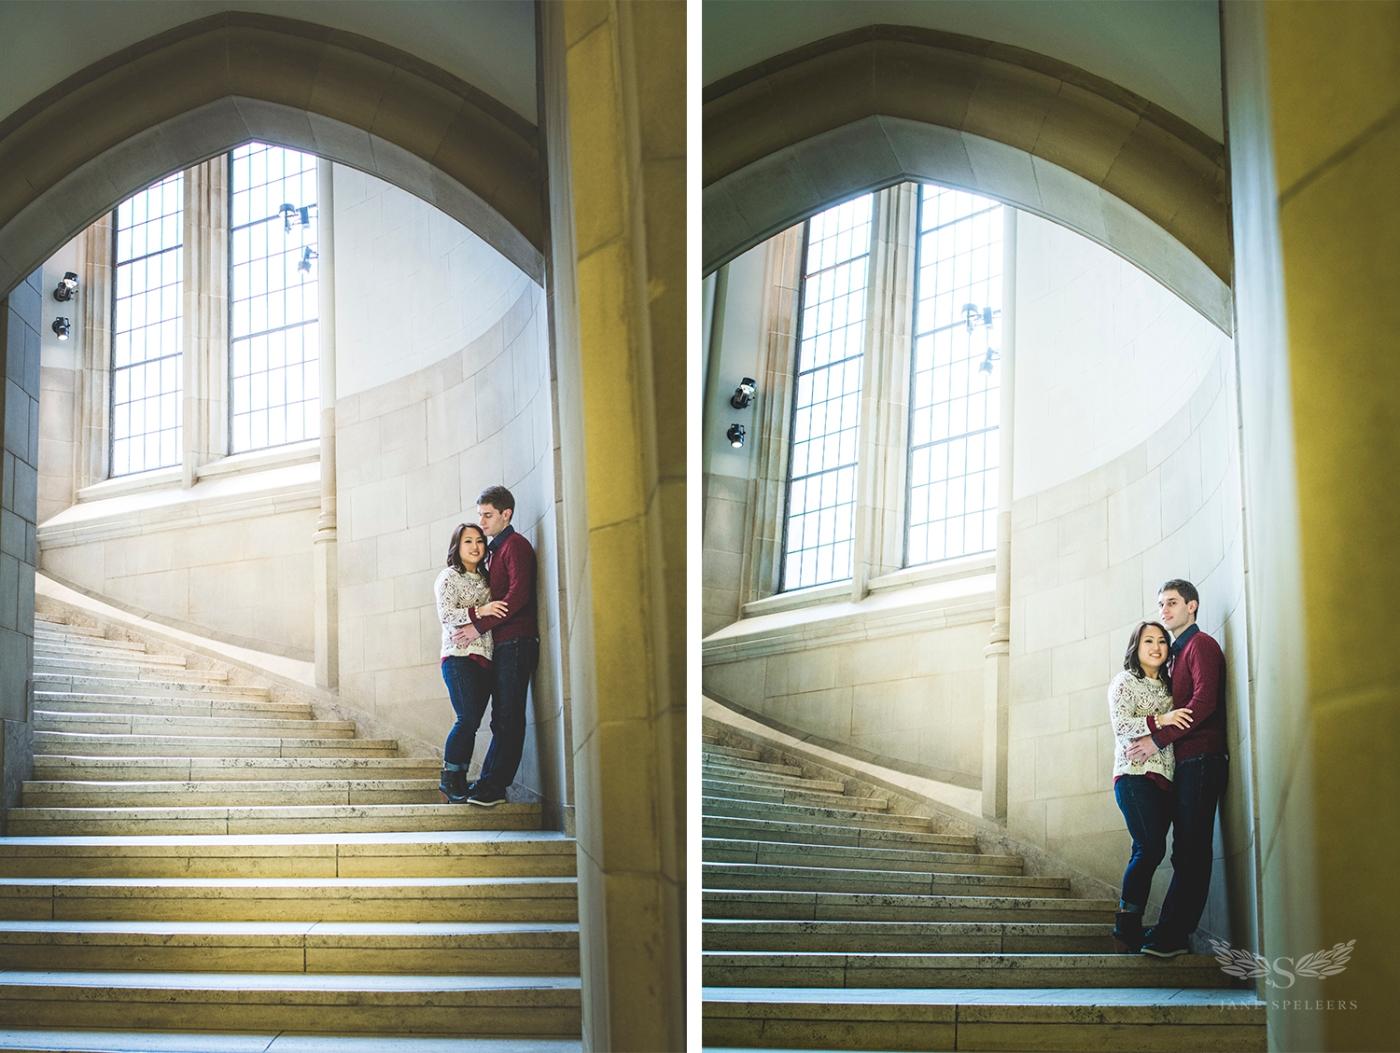 Engagement-UW-Lawcampus_Rebecca_and_Evan UW engagement 6DSC_4082 copy